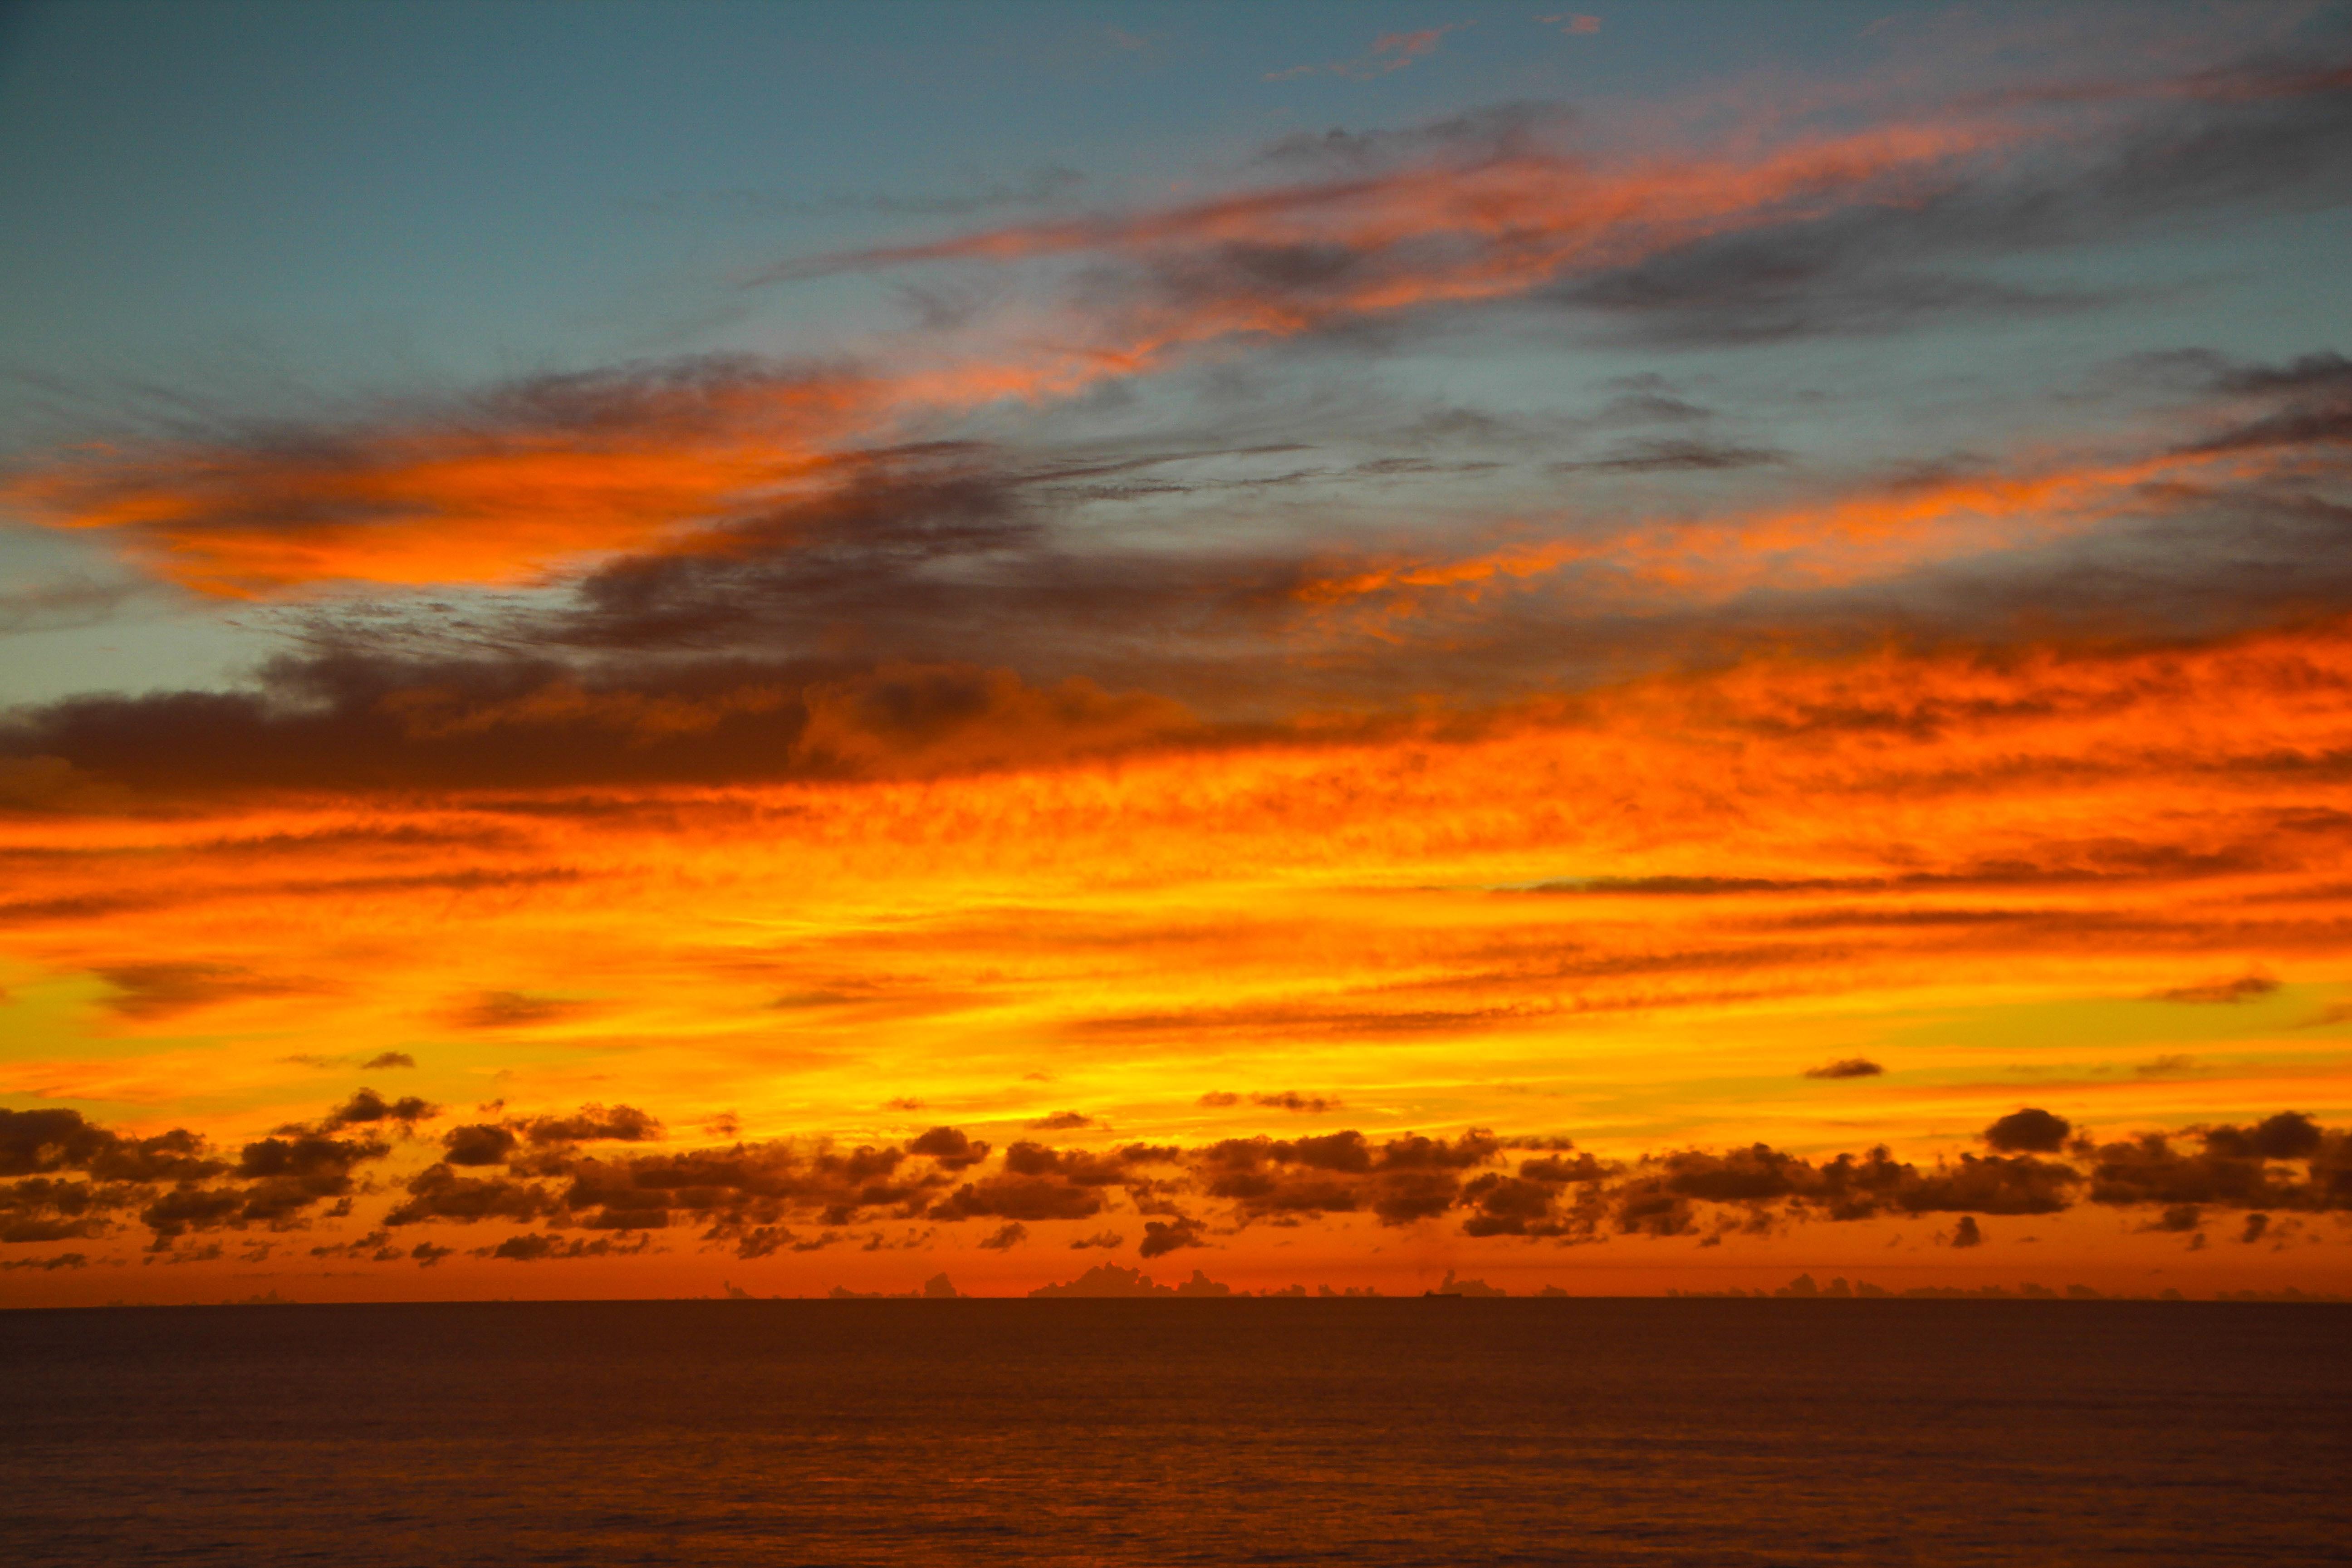 mozambique, sunset, unsplash